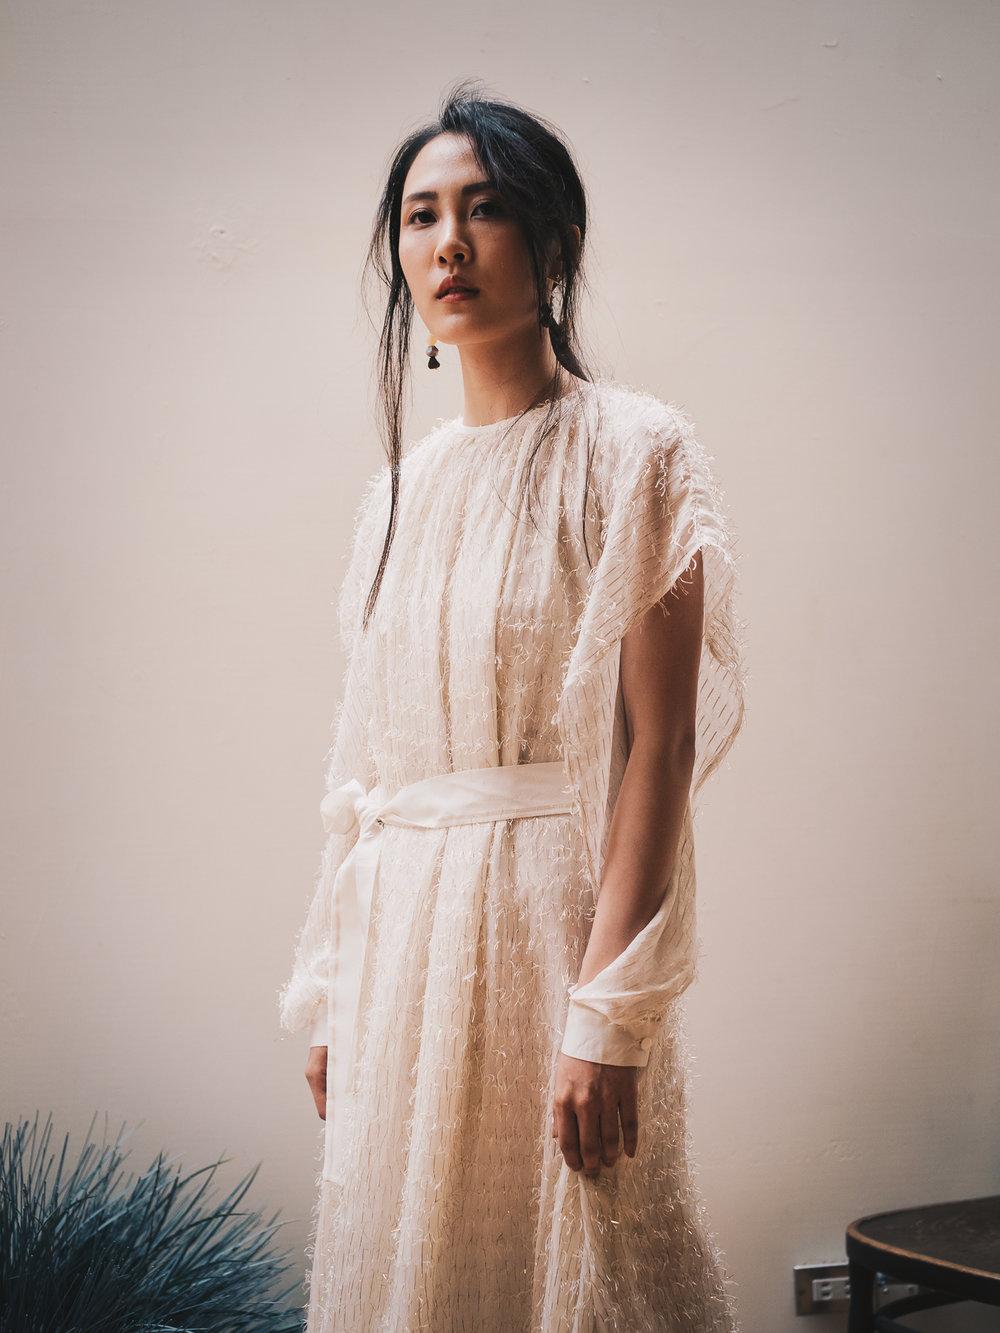 Ullnaka Dress Code 2018 - Olympus E-M1MarkII 2512 - Yes! Please Enjoy-18.jpg